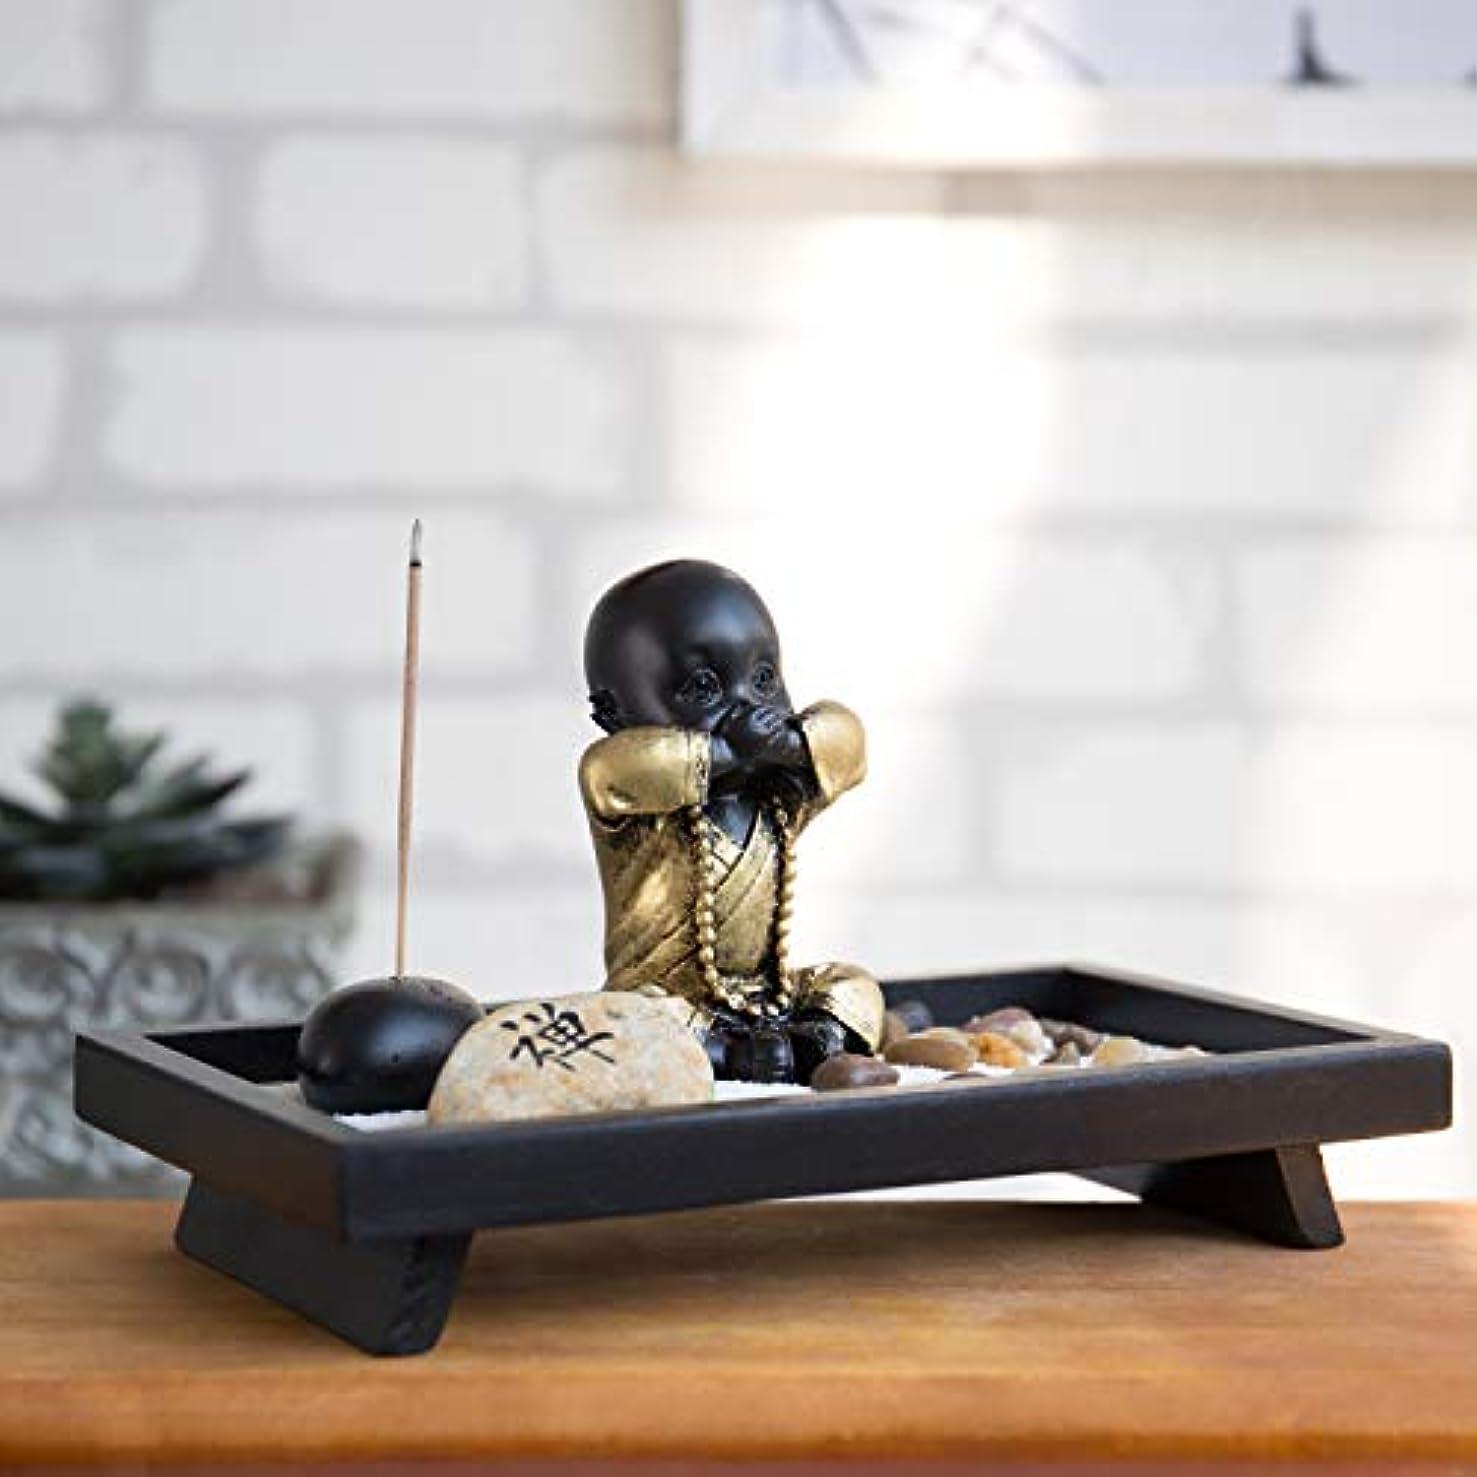 永続不十分なパテMyGift 仏像とお香立て付き卓上禅の庭